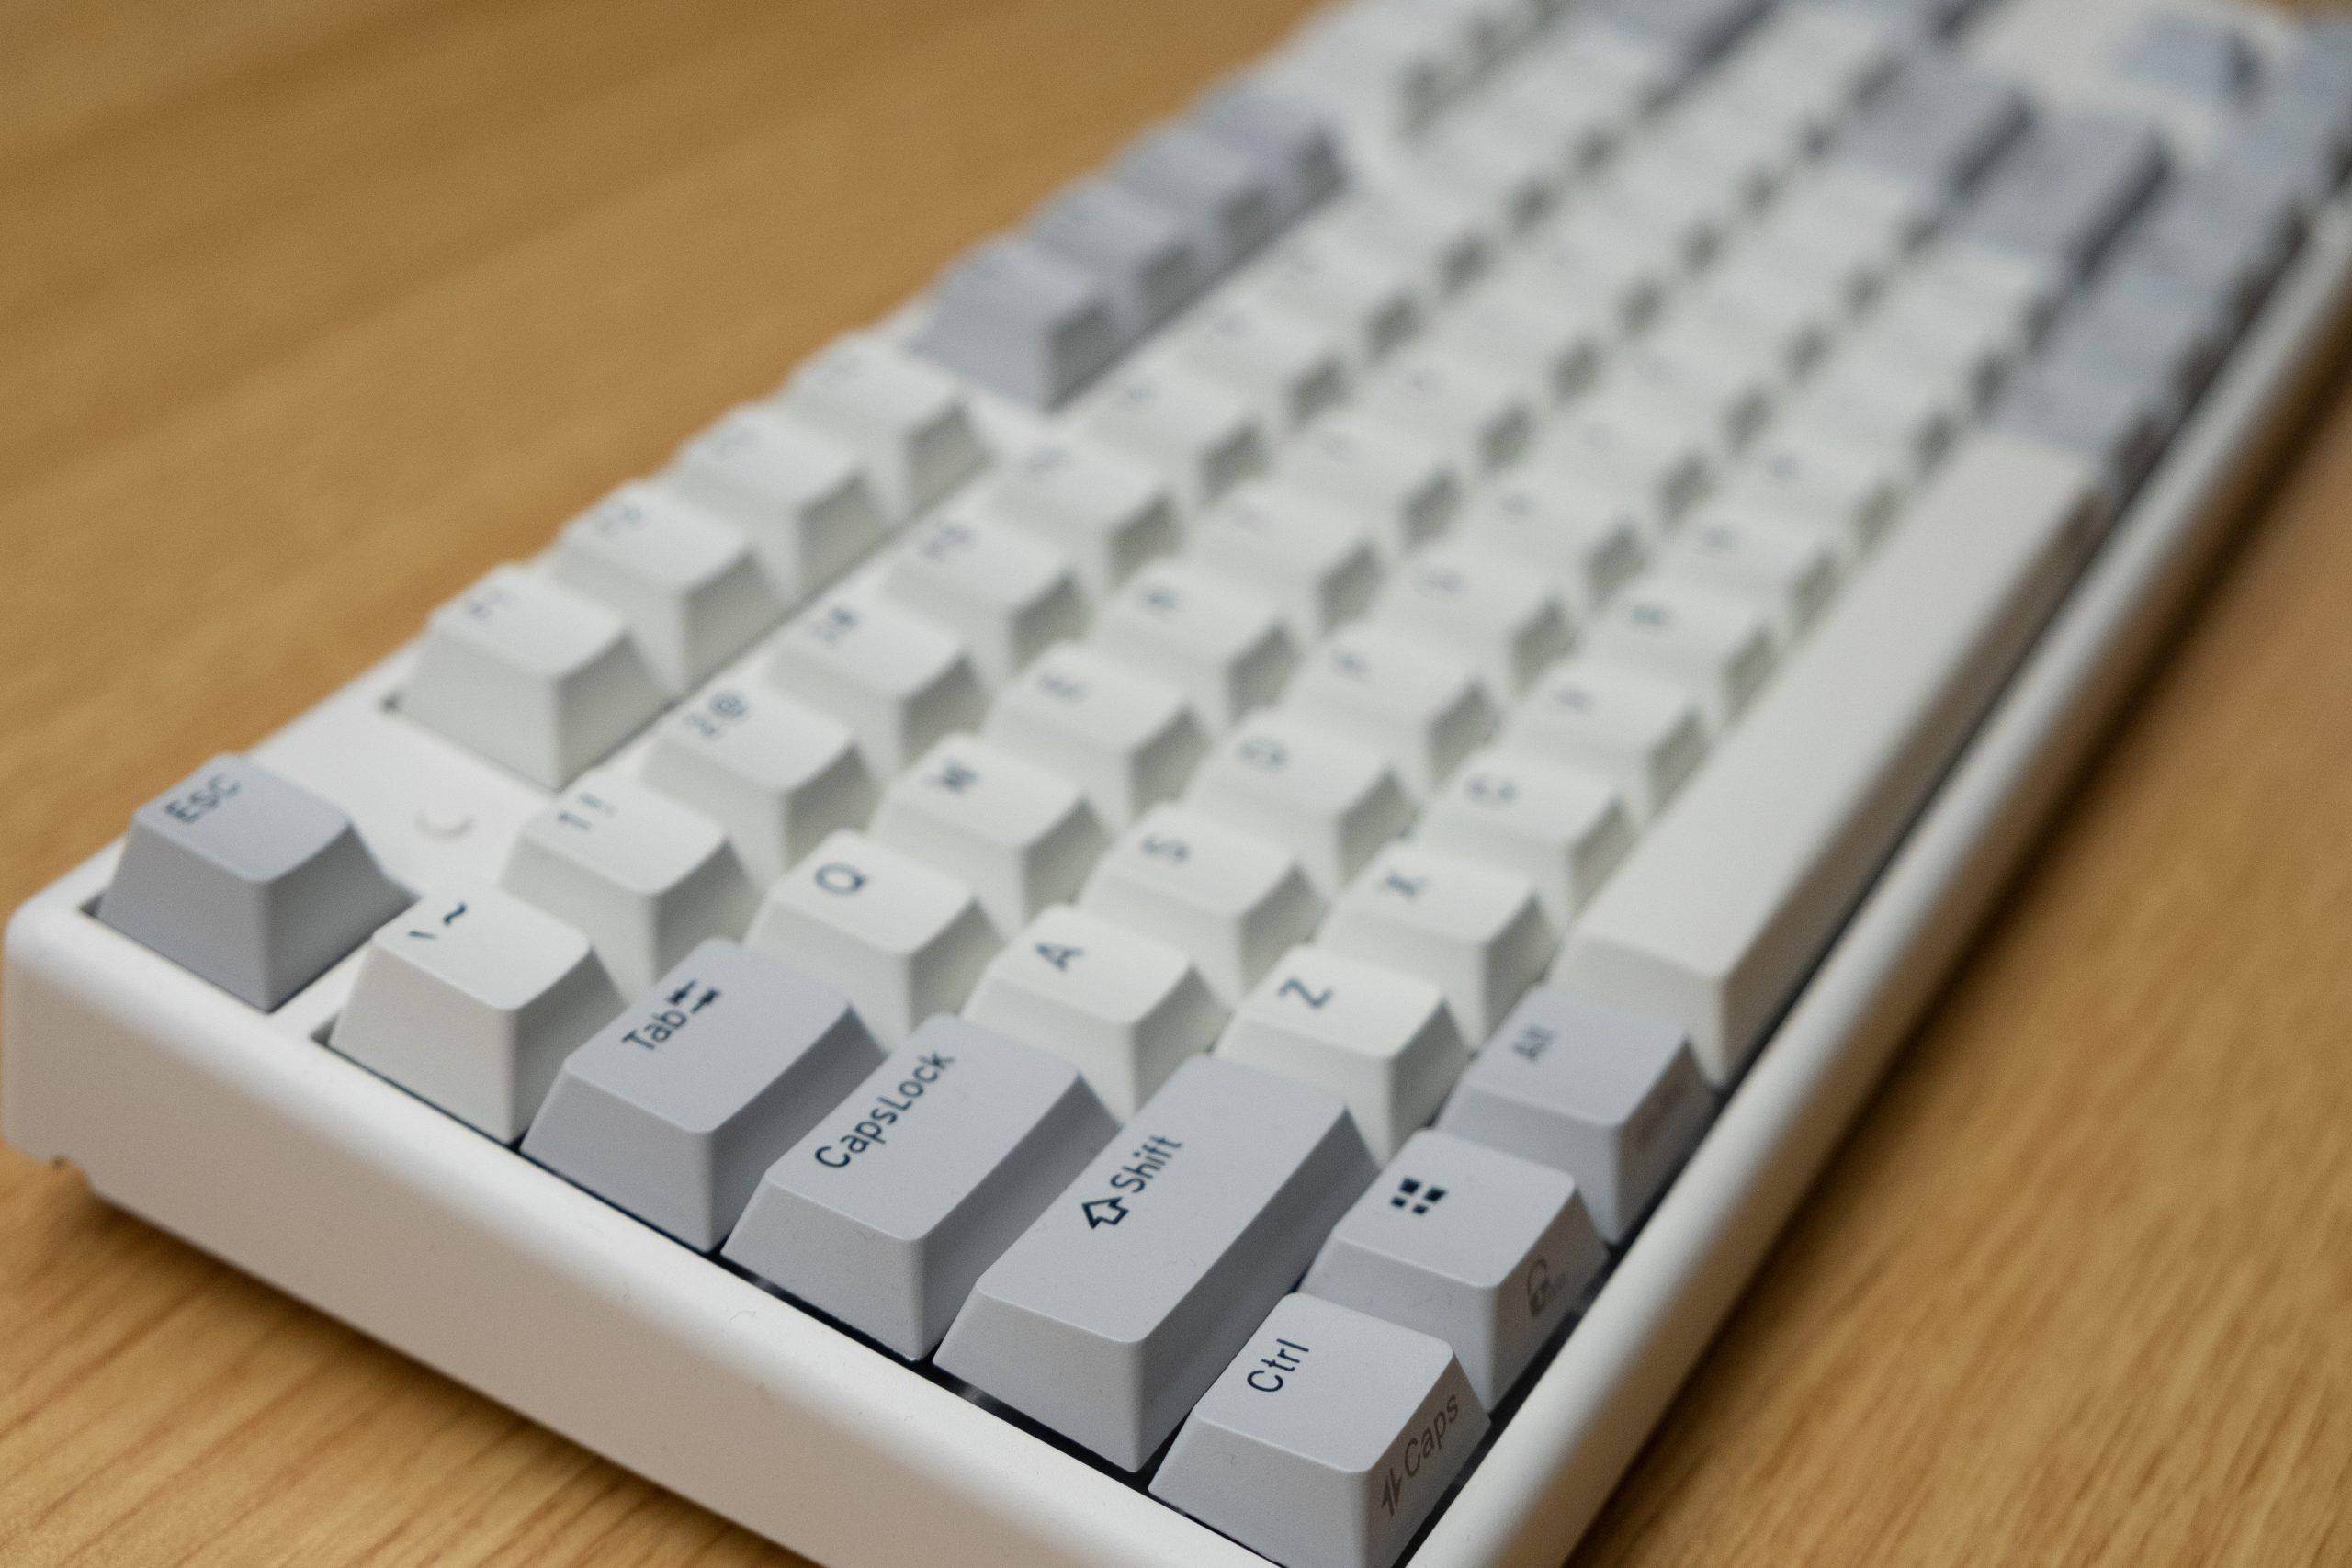 Niz Plum X87 EC - Profile 2